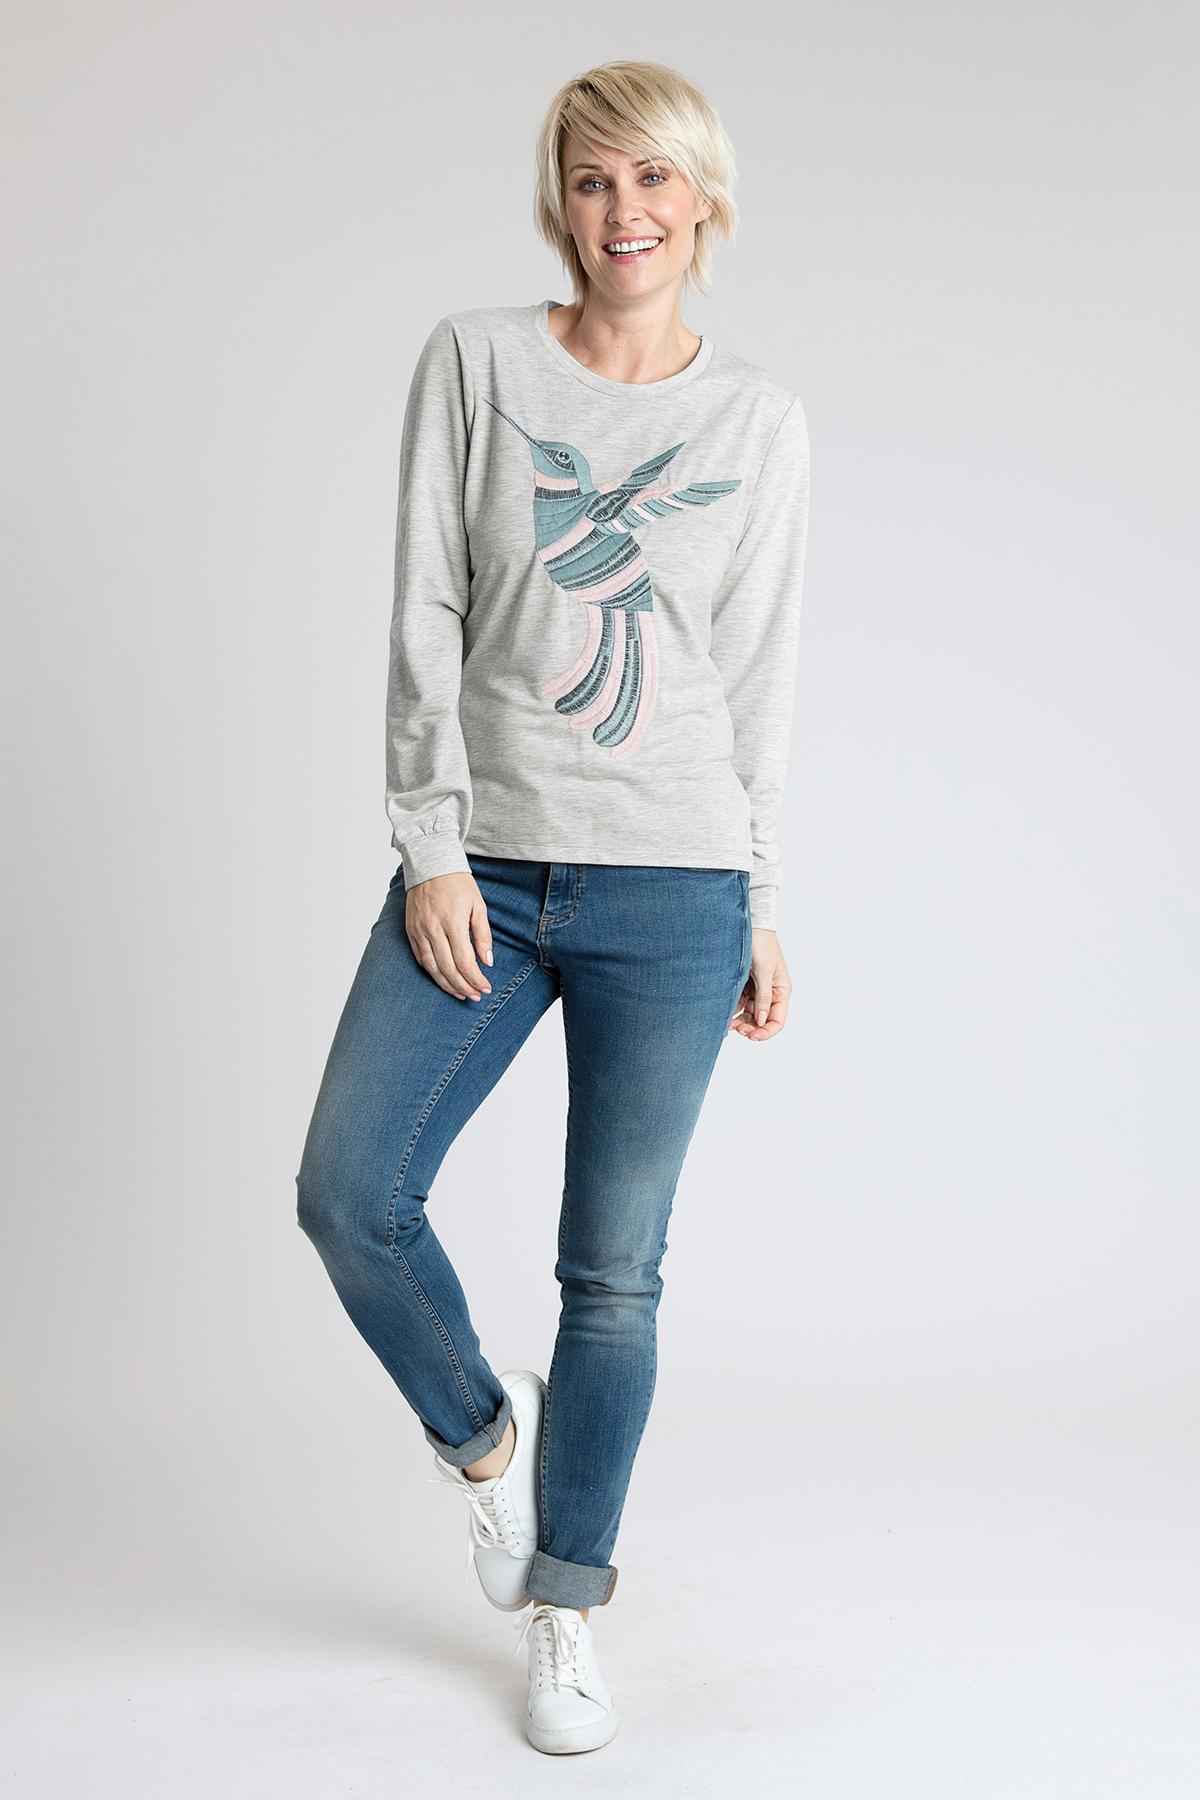 Licht grijsgemêleerd Sweatshirt van Kaffe – Door Licht grijsgemêleerd Sweatshirt van maat. XS-XXL hier